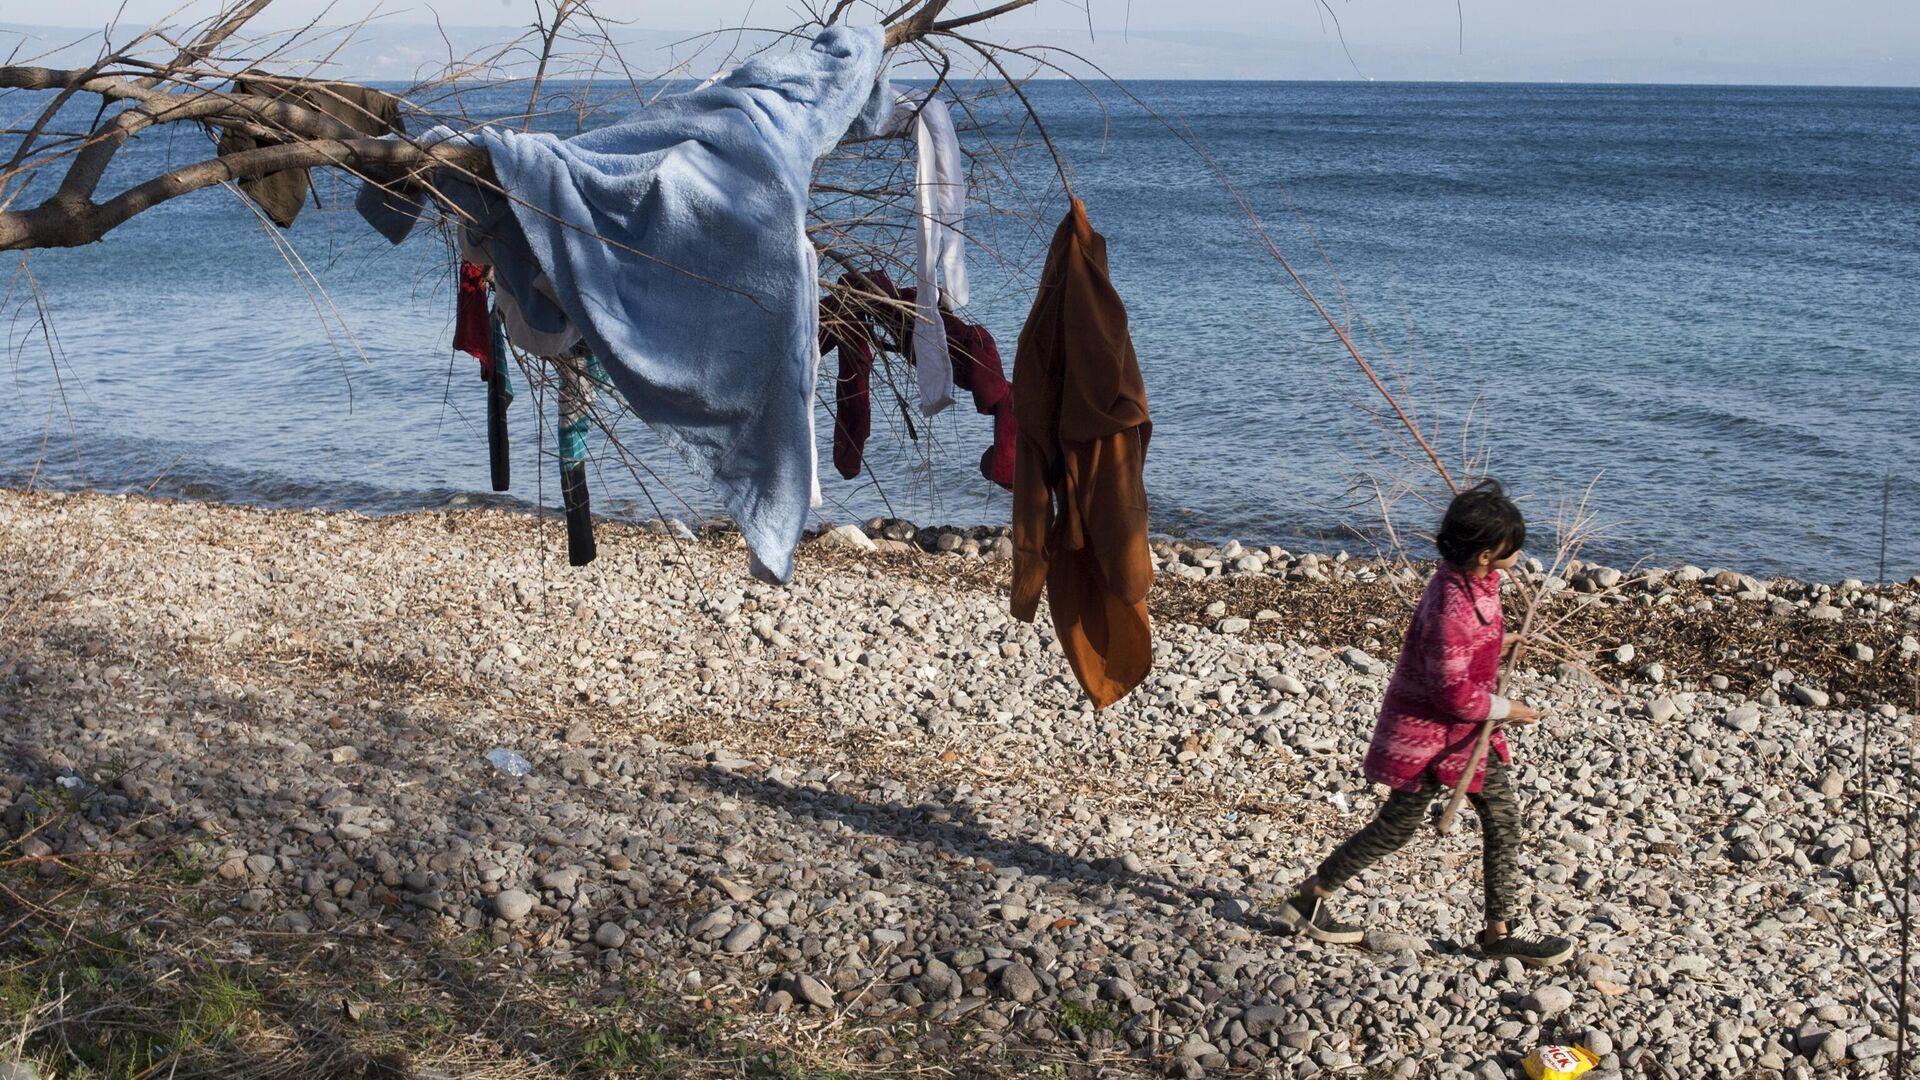 Одежда на дереве в лагере беженцев на острове Лесбос в Греции - РИА Новости, 1920, 30.06.2021